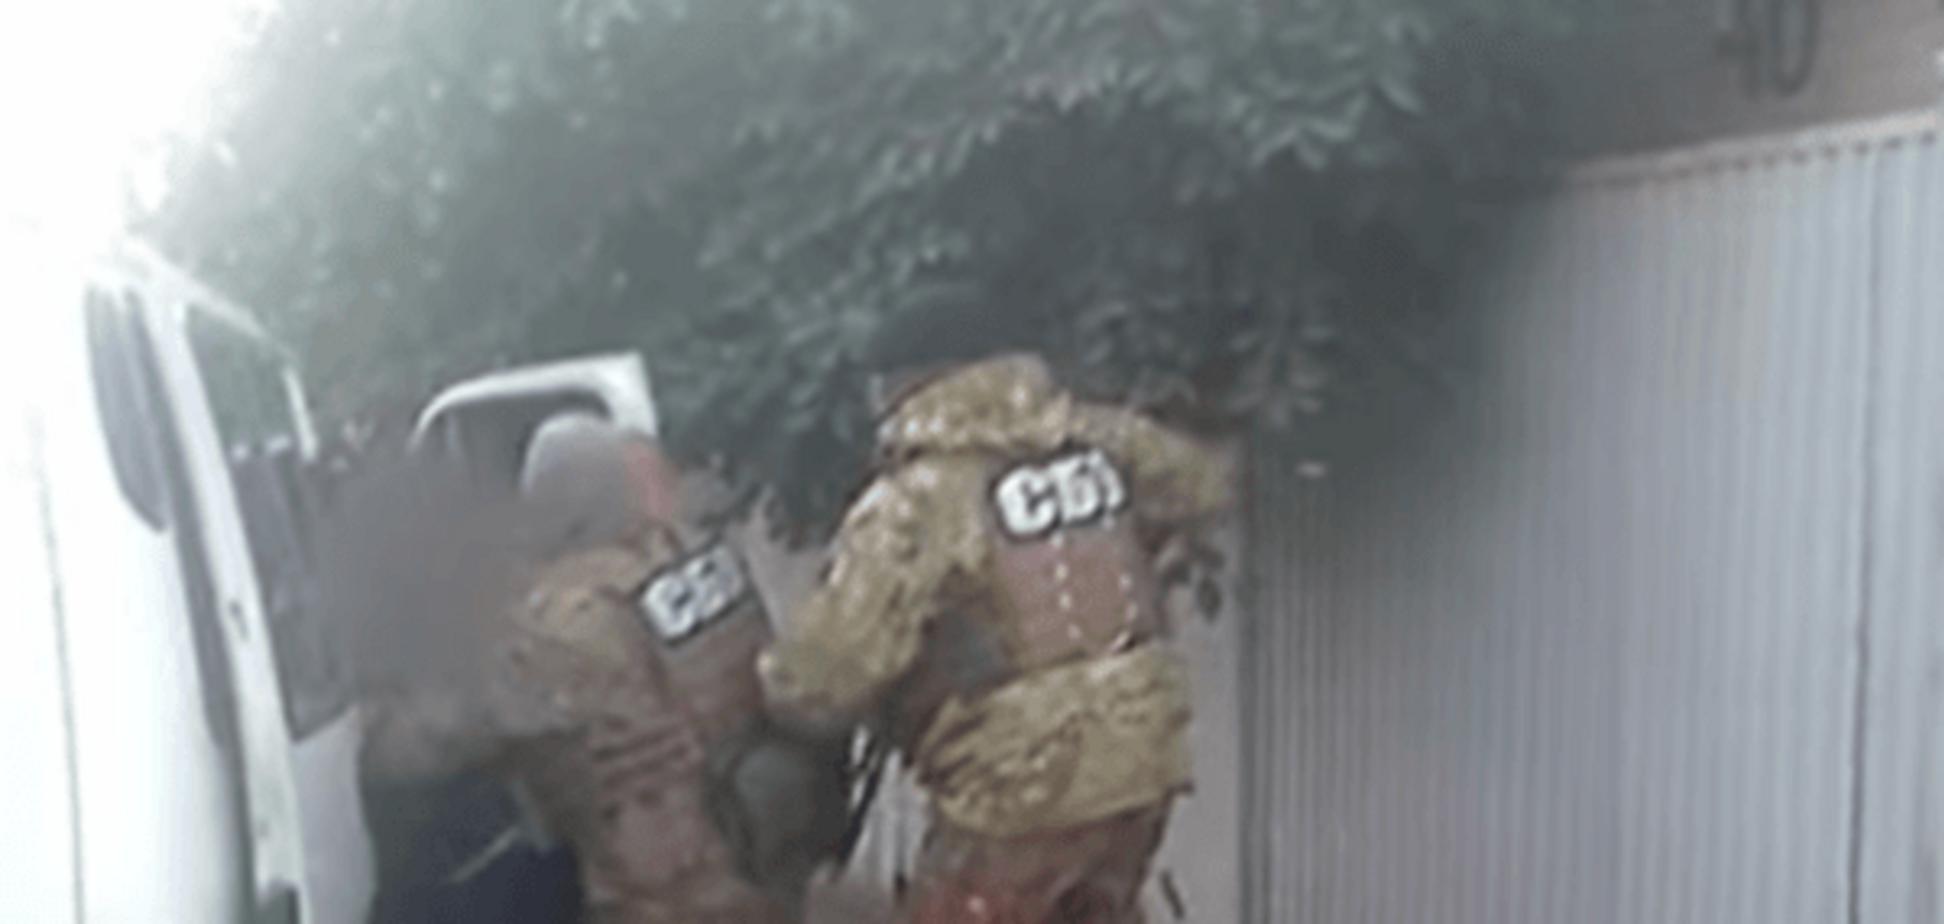 У Запоріжжі затримали псевдо-СБУшників, які збиралися викрасти і катувати бізнесмена: відеофакт